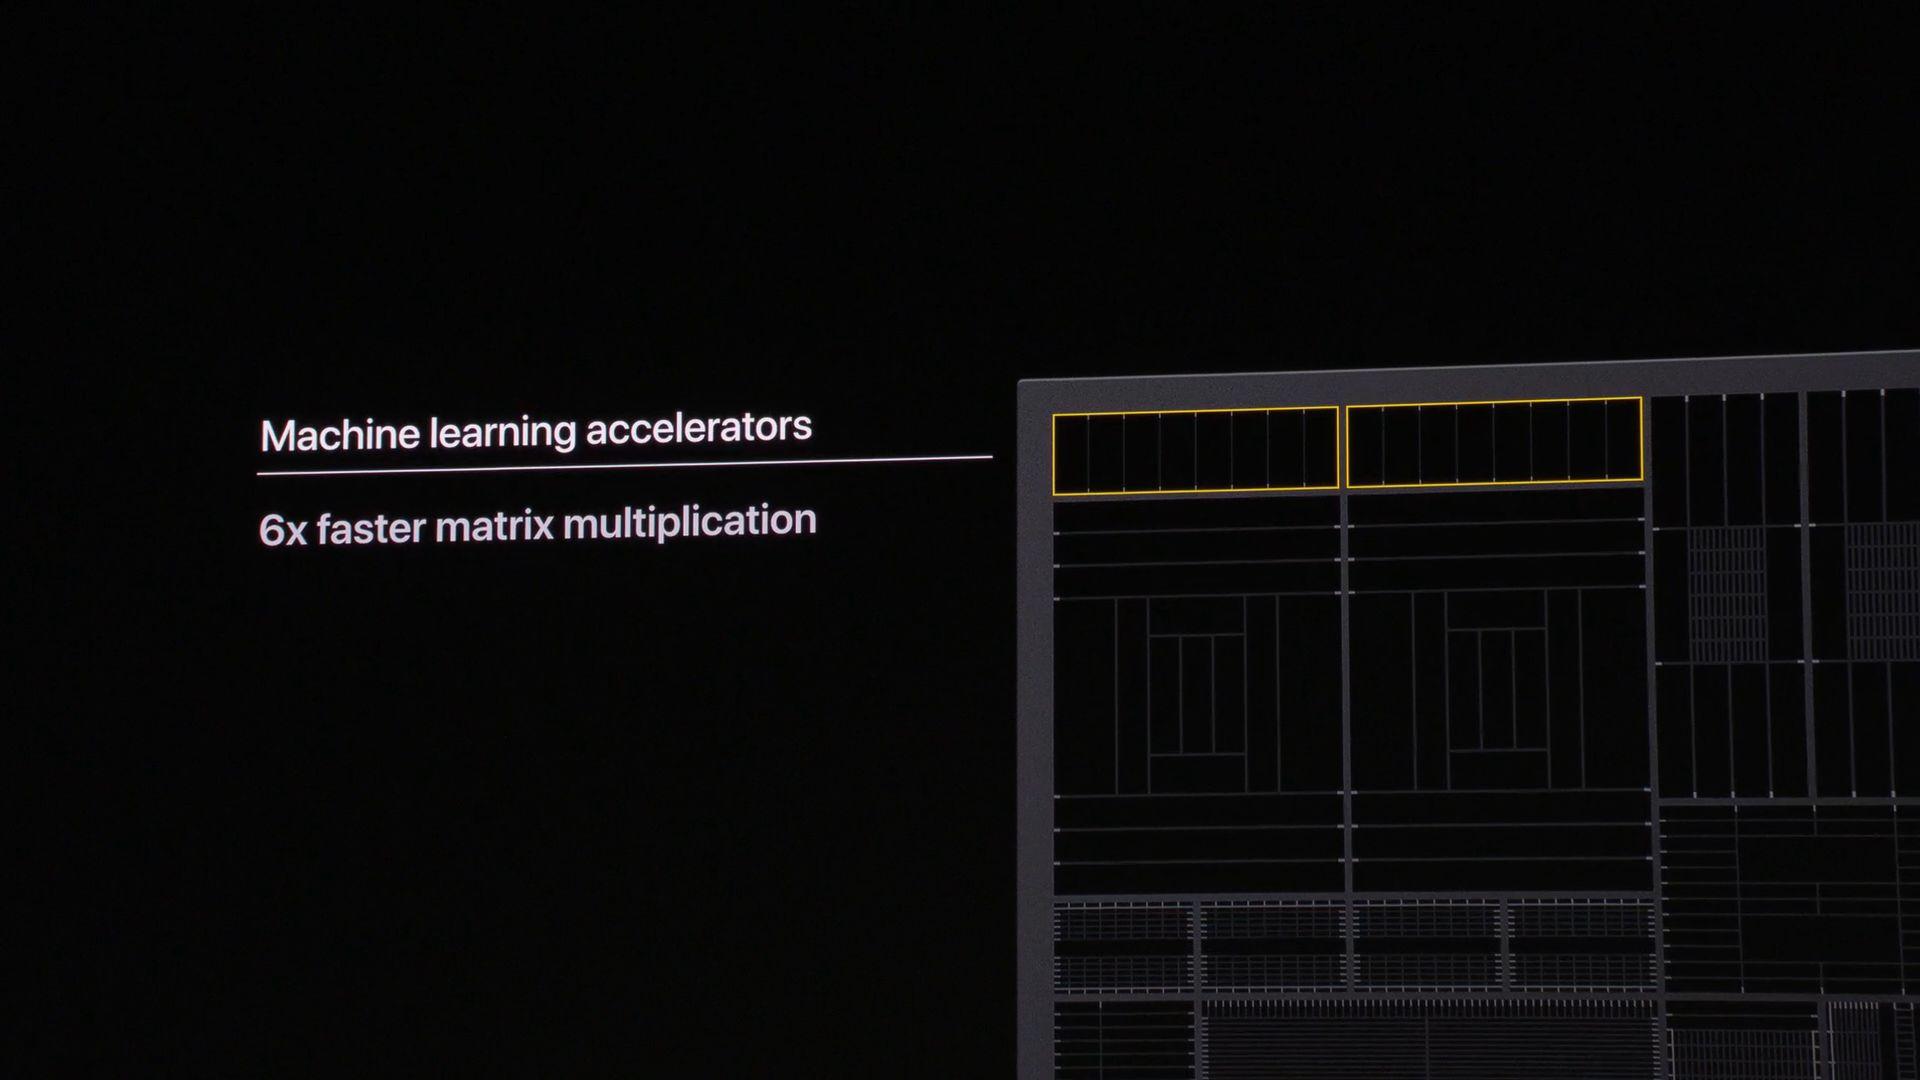 Apple представила iPhone 11, который почти вдвое быстрее любого Android-смартфона - 8